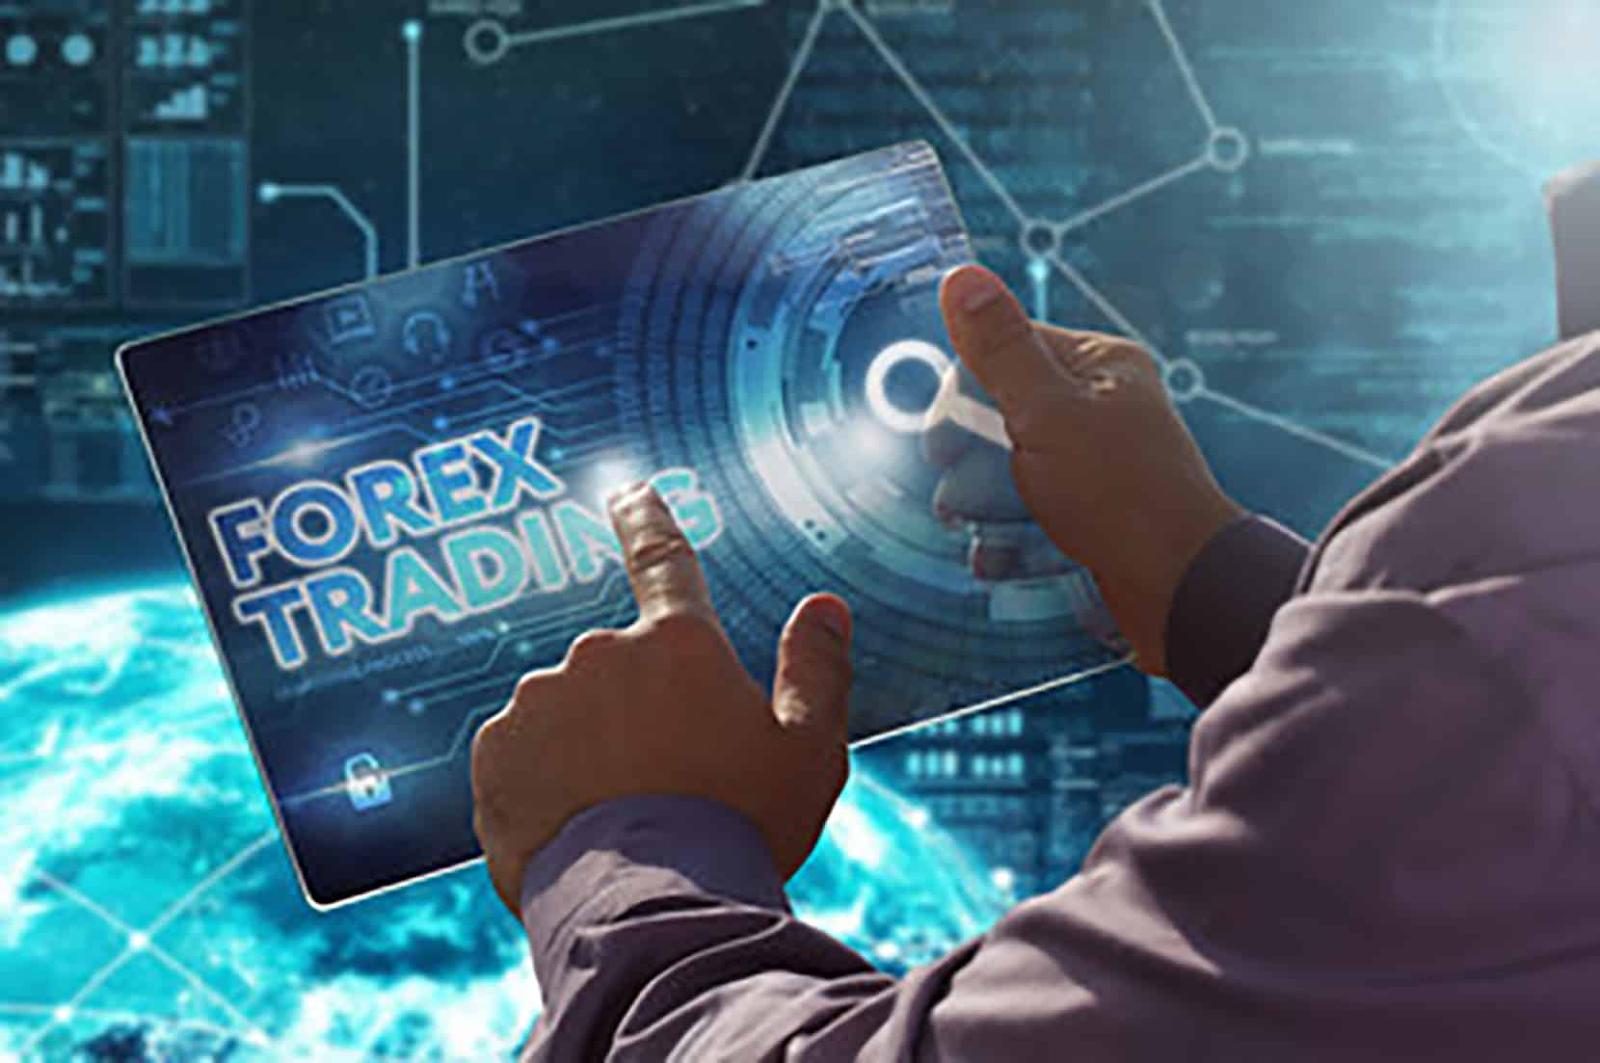 Wt форекс обучение торговле на бирже онлайн